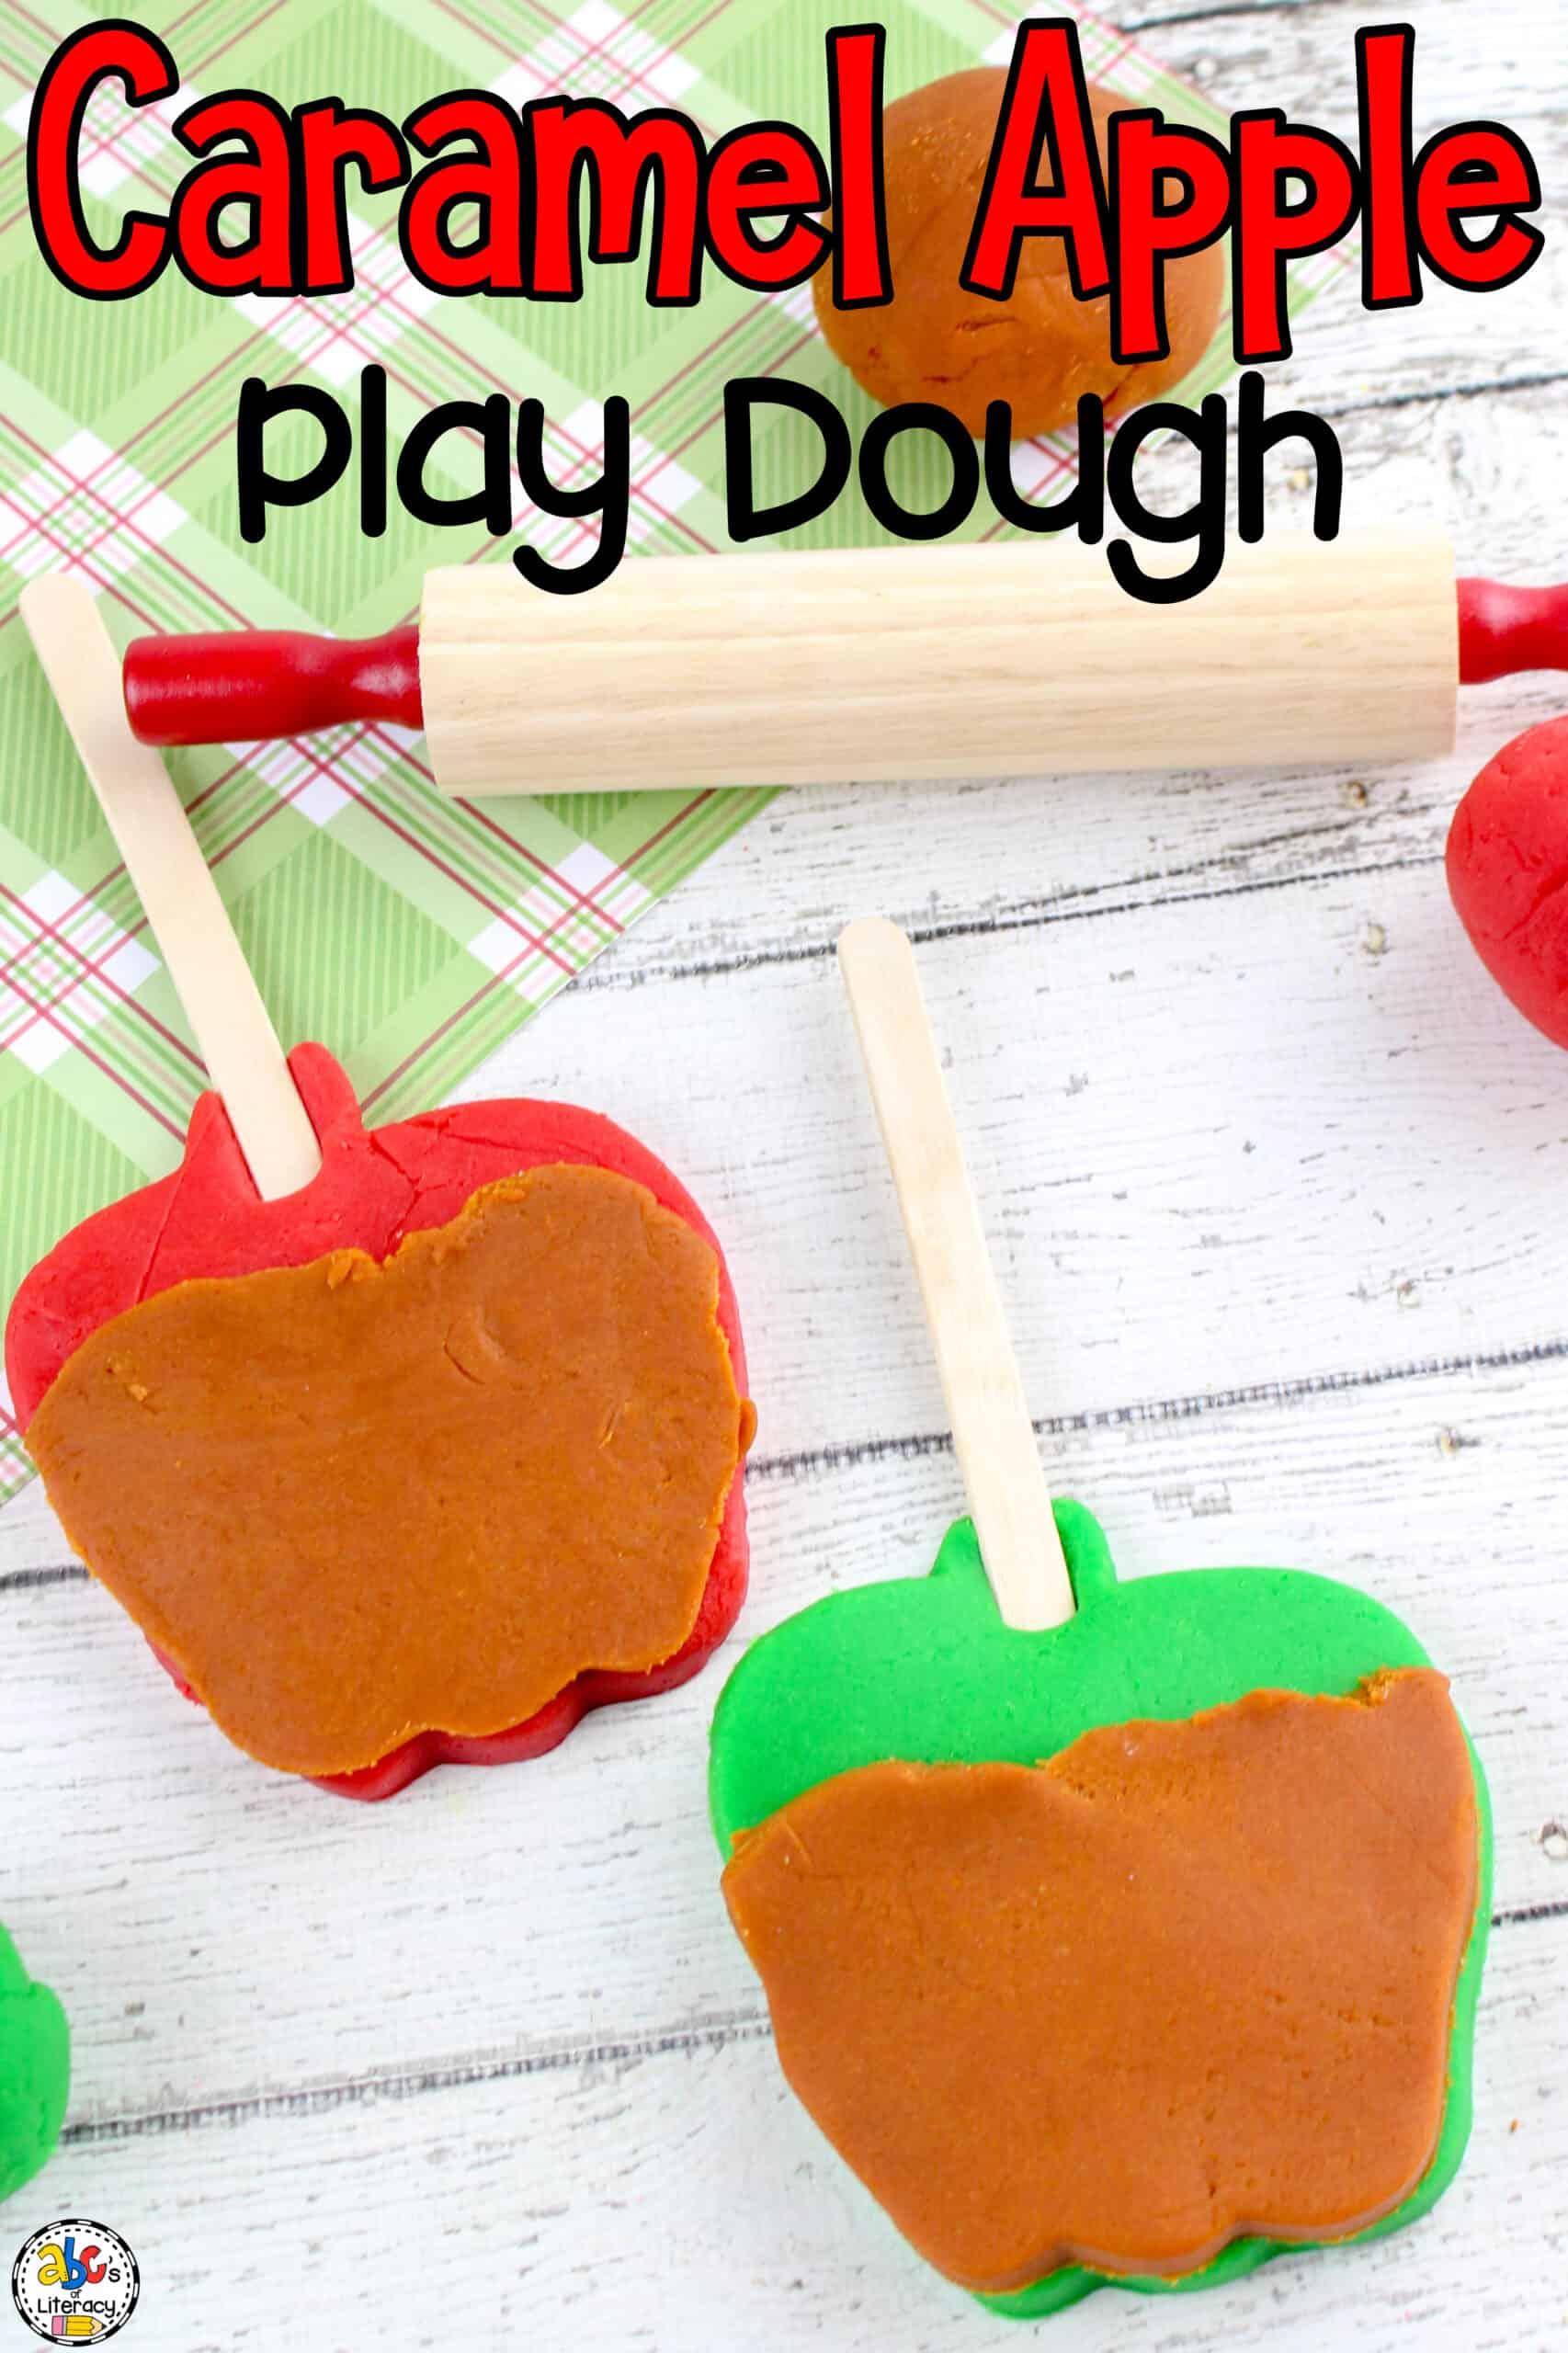 Caramel Apple Play Dough